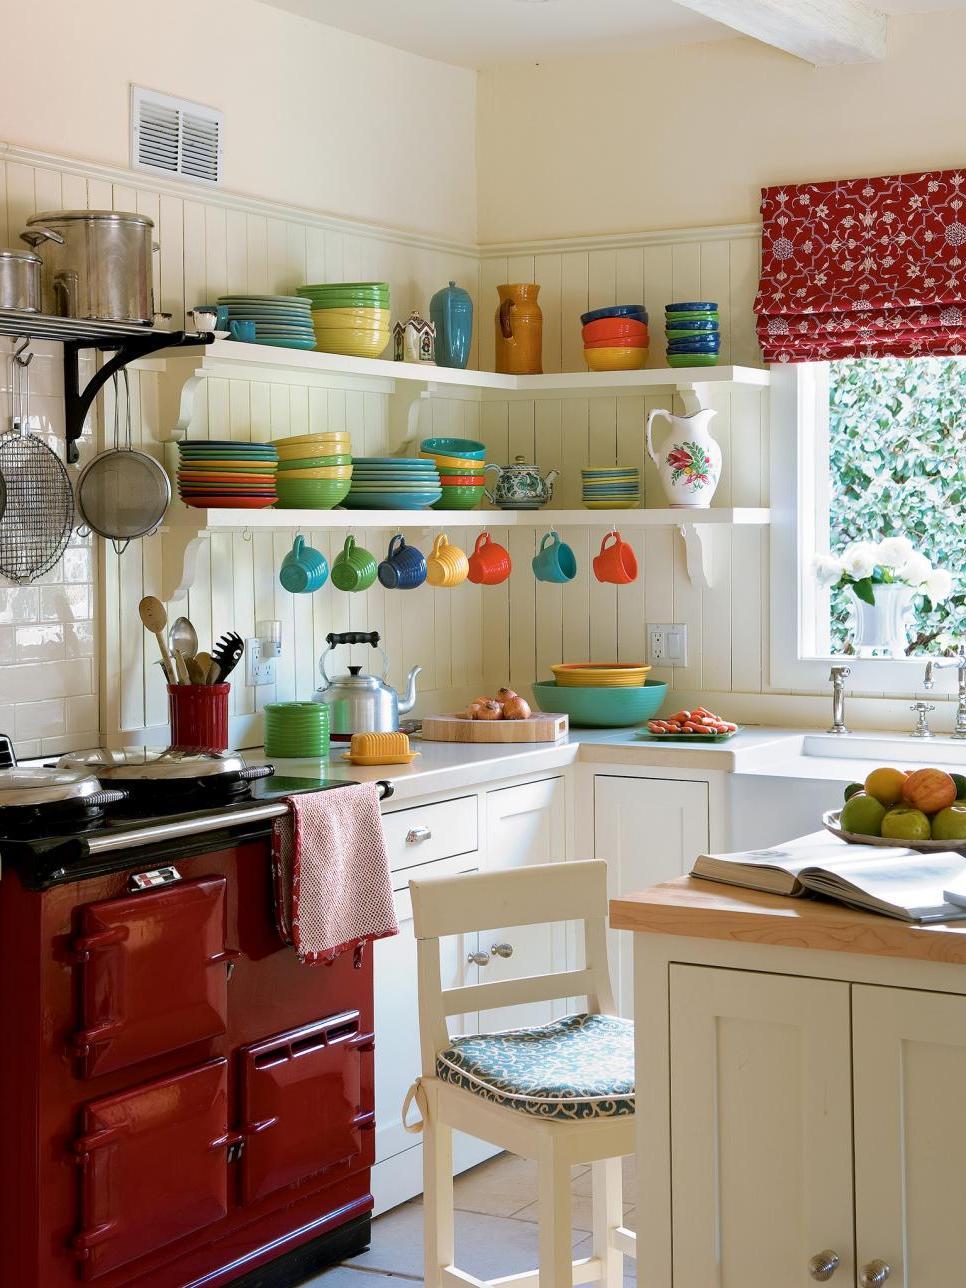 простая интересные дизайнерские идеи для кухни фото нам показывает эхолот